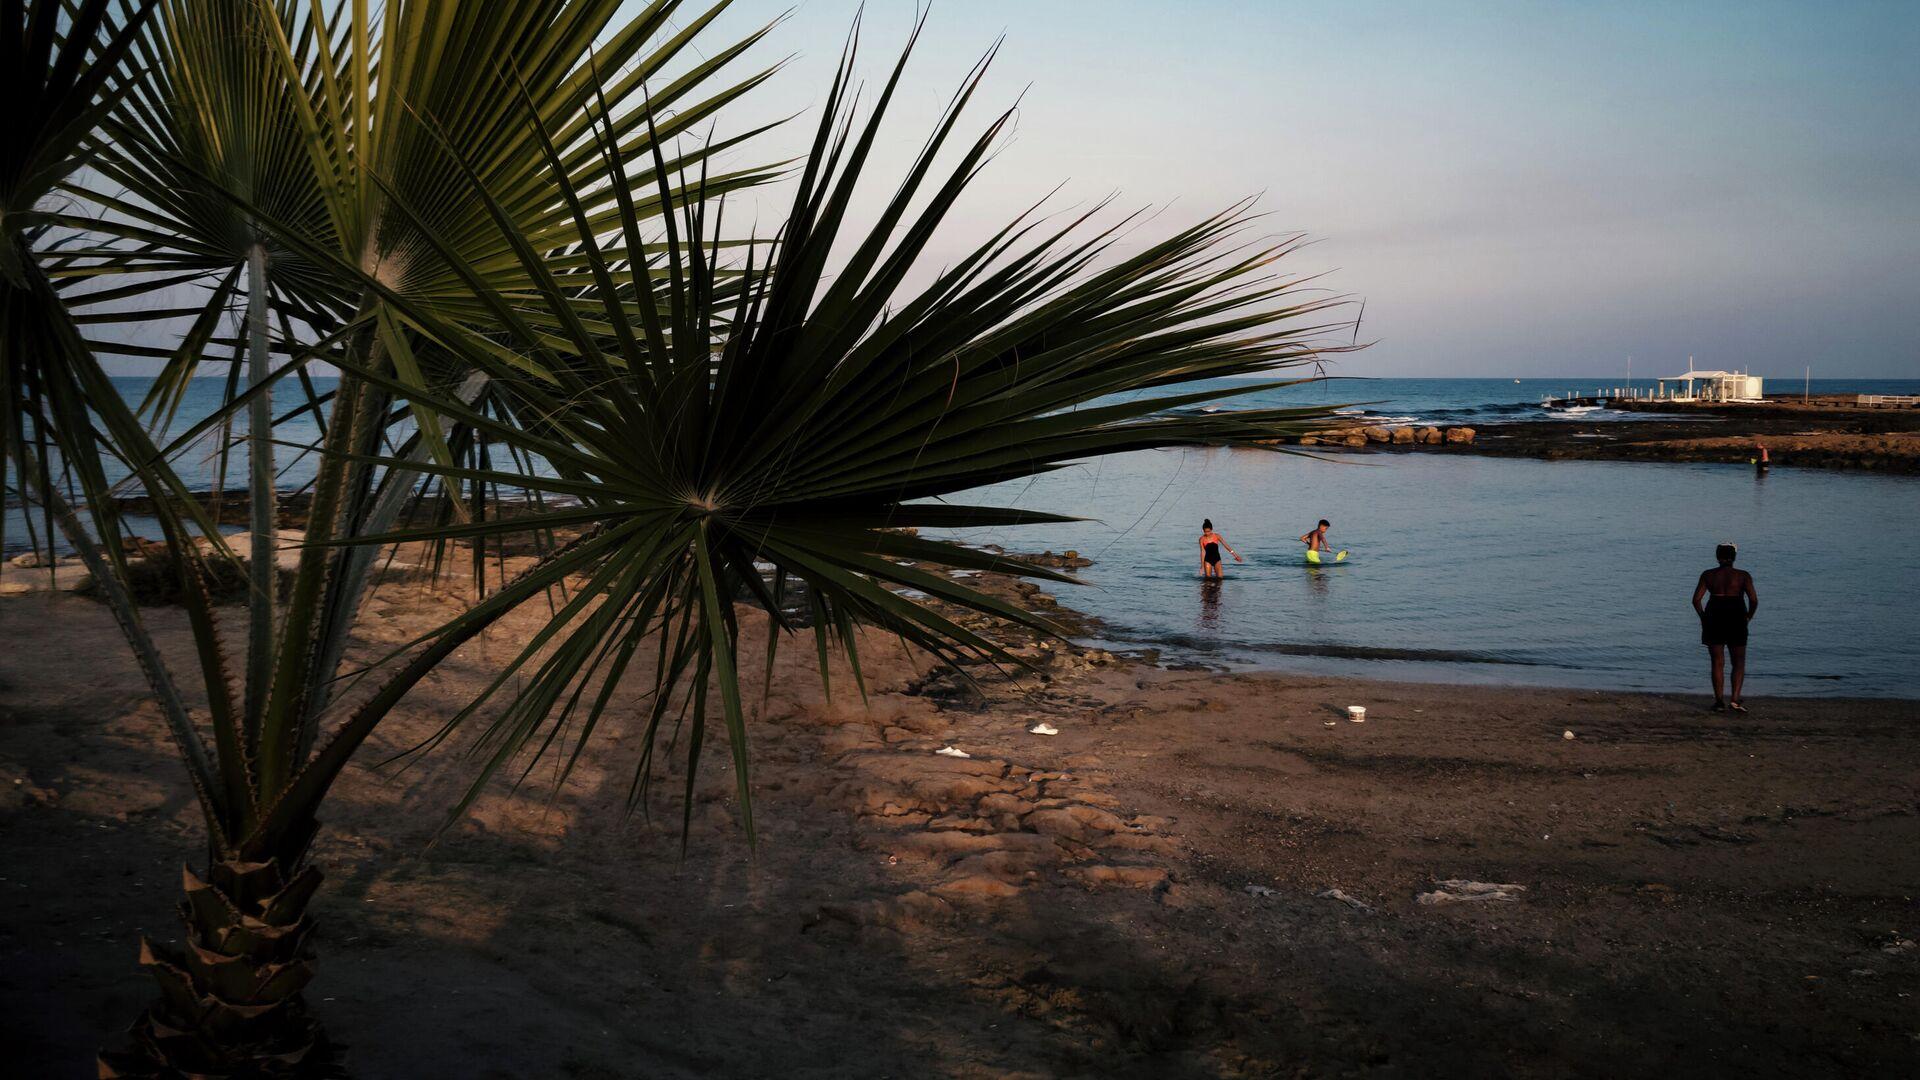 Берег Средиземного моря в городе Протарас на Кипре - РИА Новости, 1920, 07.09.2020